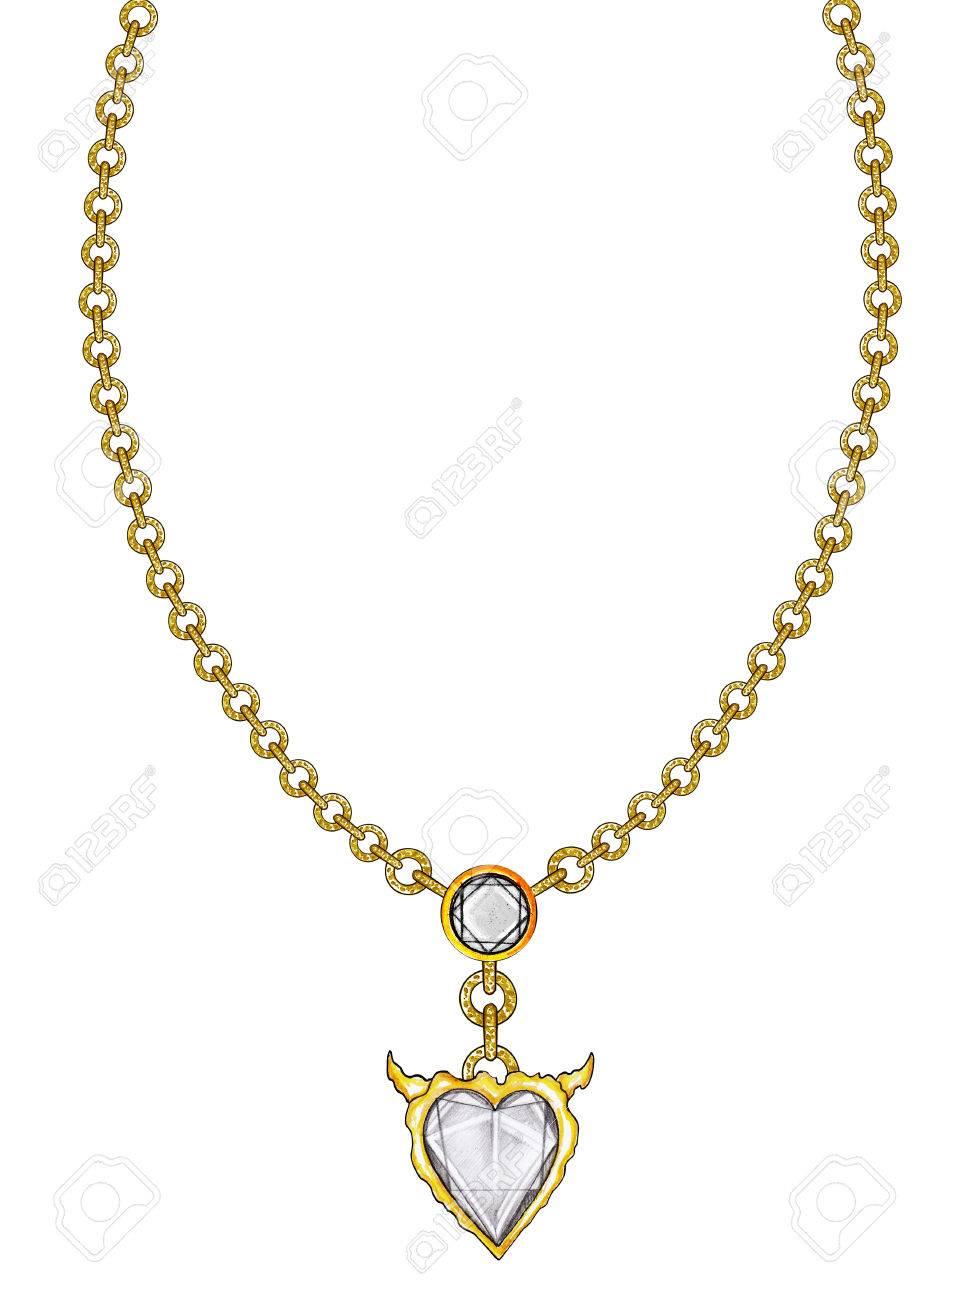 super populaire c10a5 7fecf Ensemble de bijoux coeur collier. Dessin à la main et peinture sur papier.